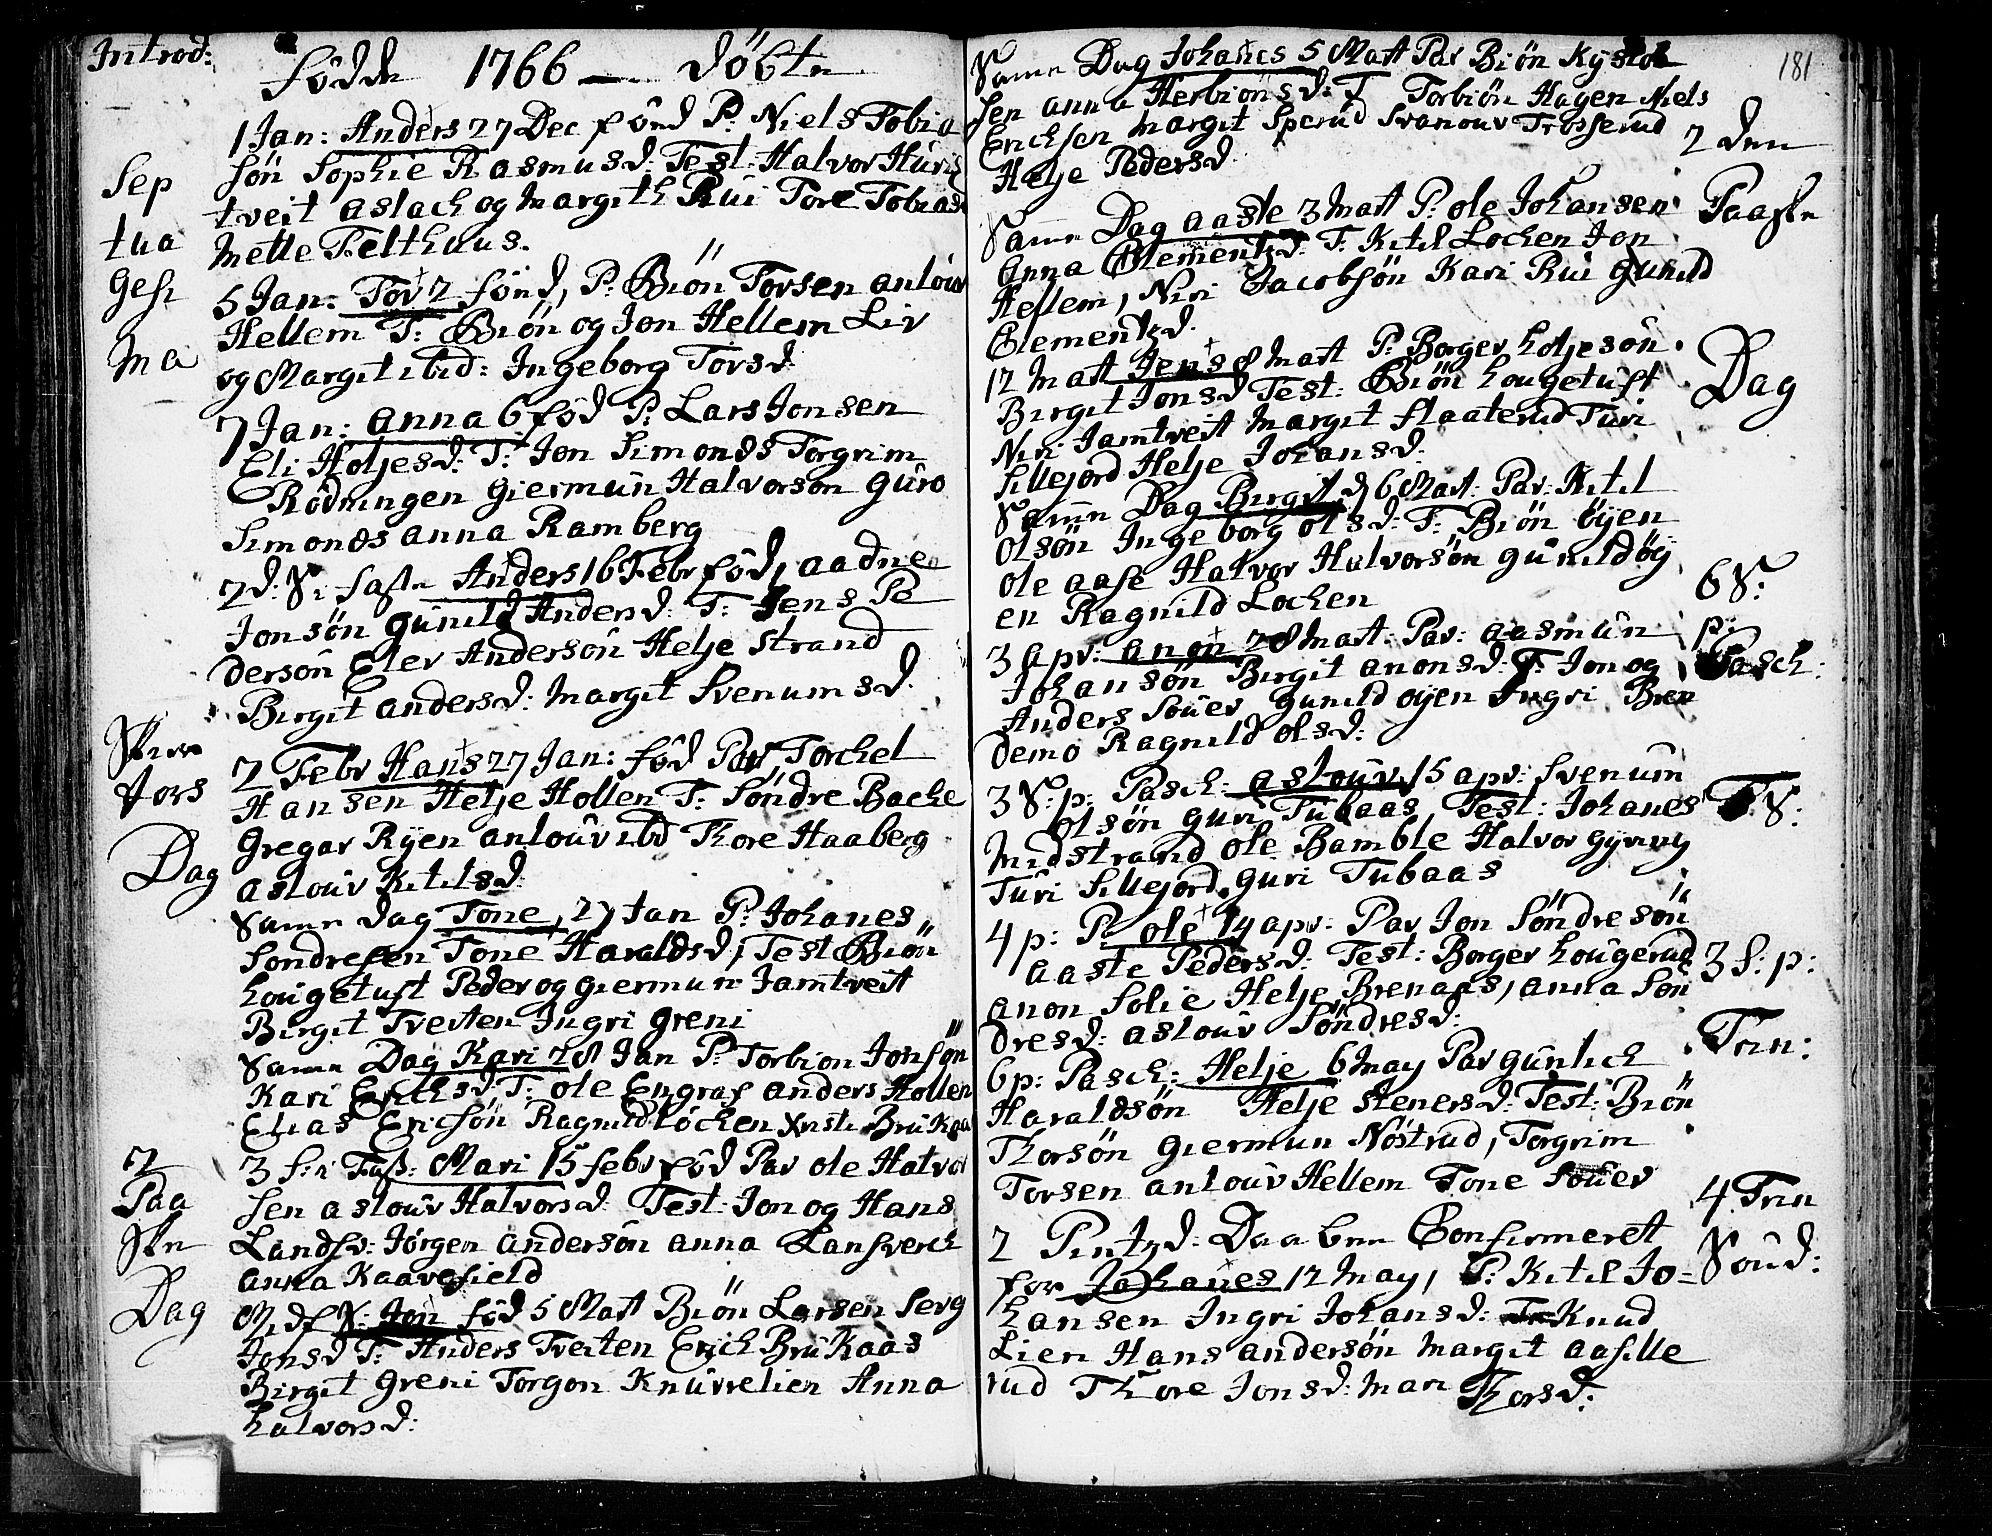 SAKO, Heddal kirkebøker, F/Fa/L0003: Ministerialbok nr. I 3, 1723-1783, s. 181